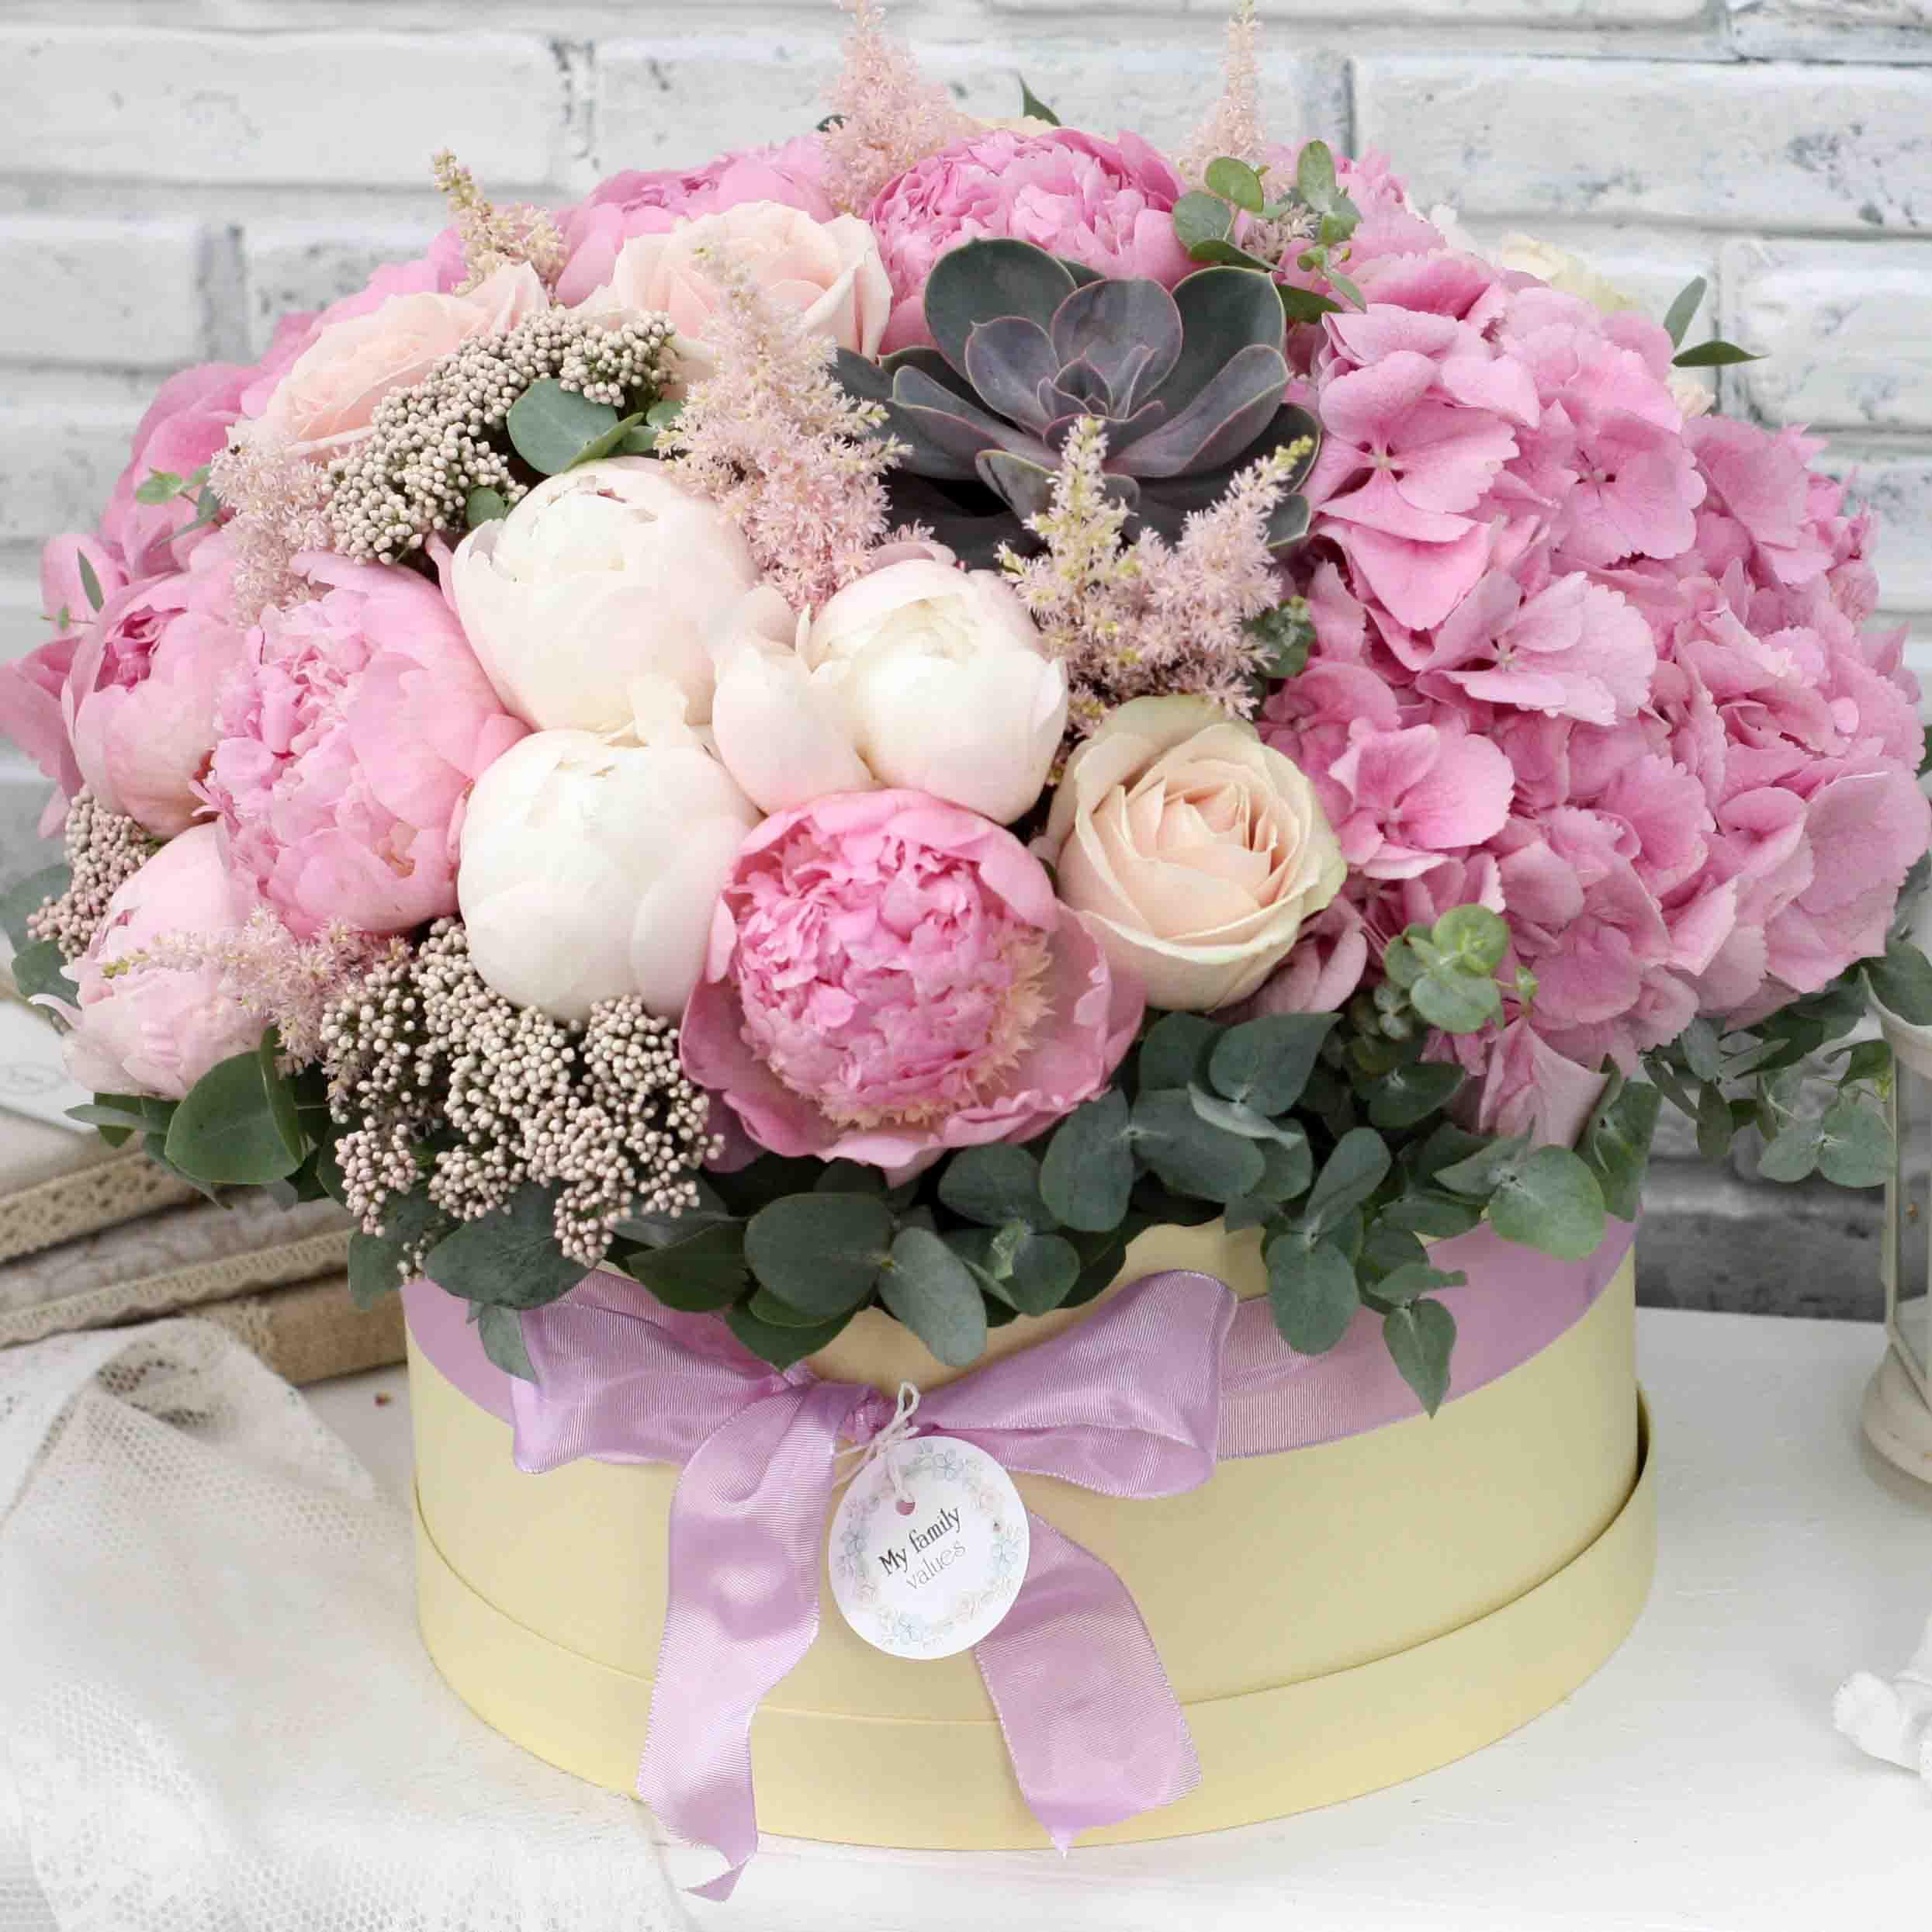 cvety_v_korobke_2_19170453